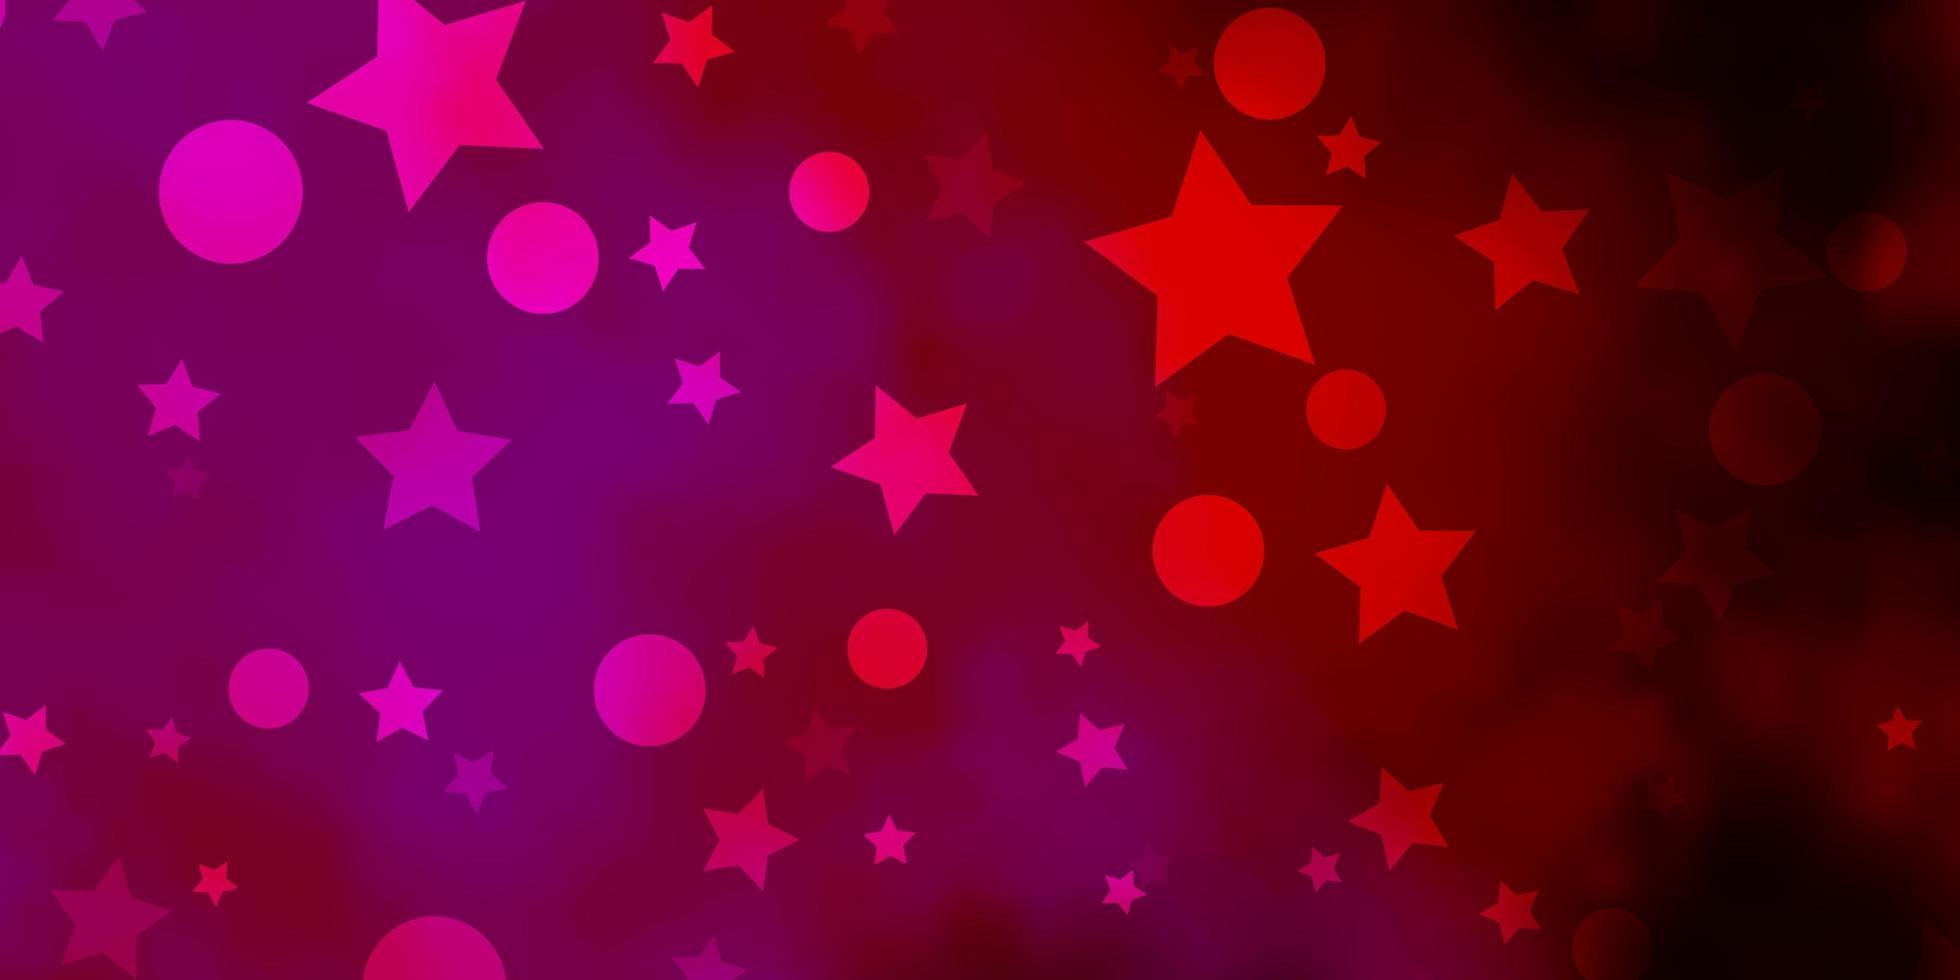 fond de vecteur violet foncé, rose avec des cercles, des étoiles.